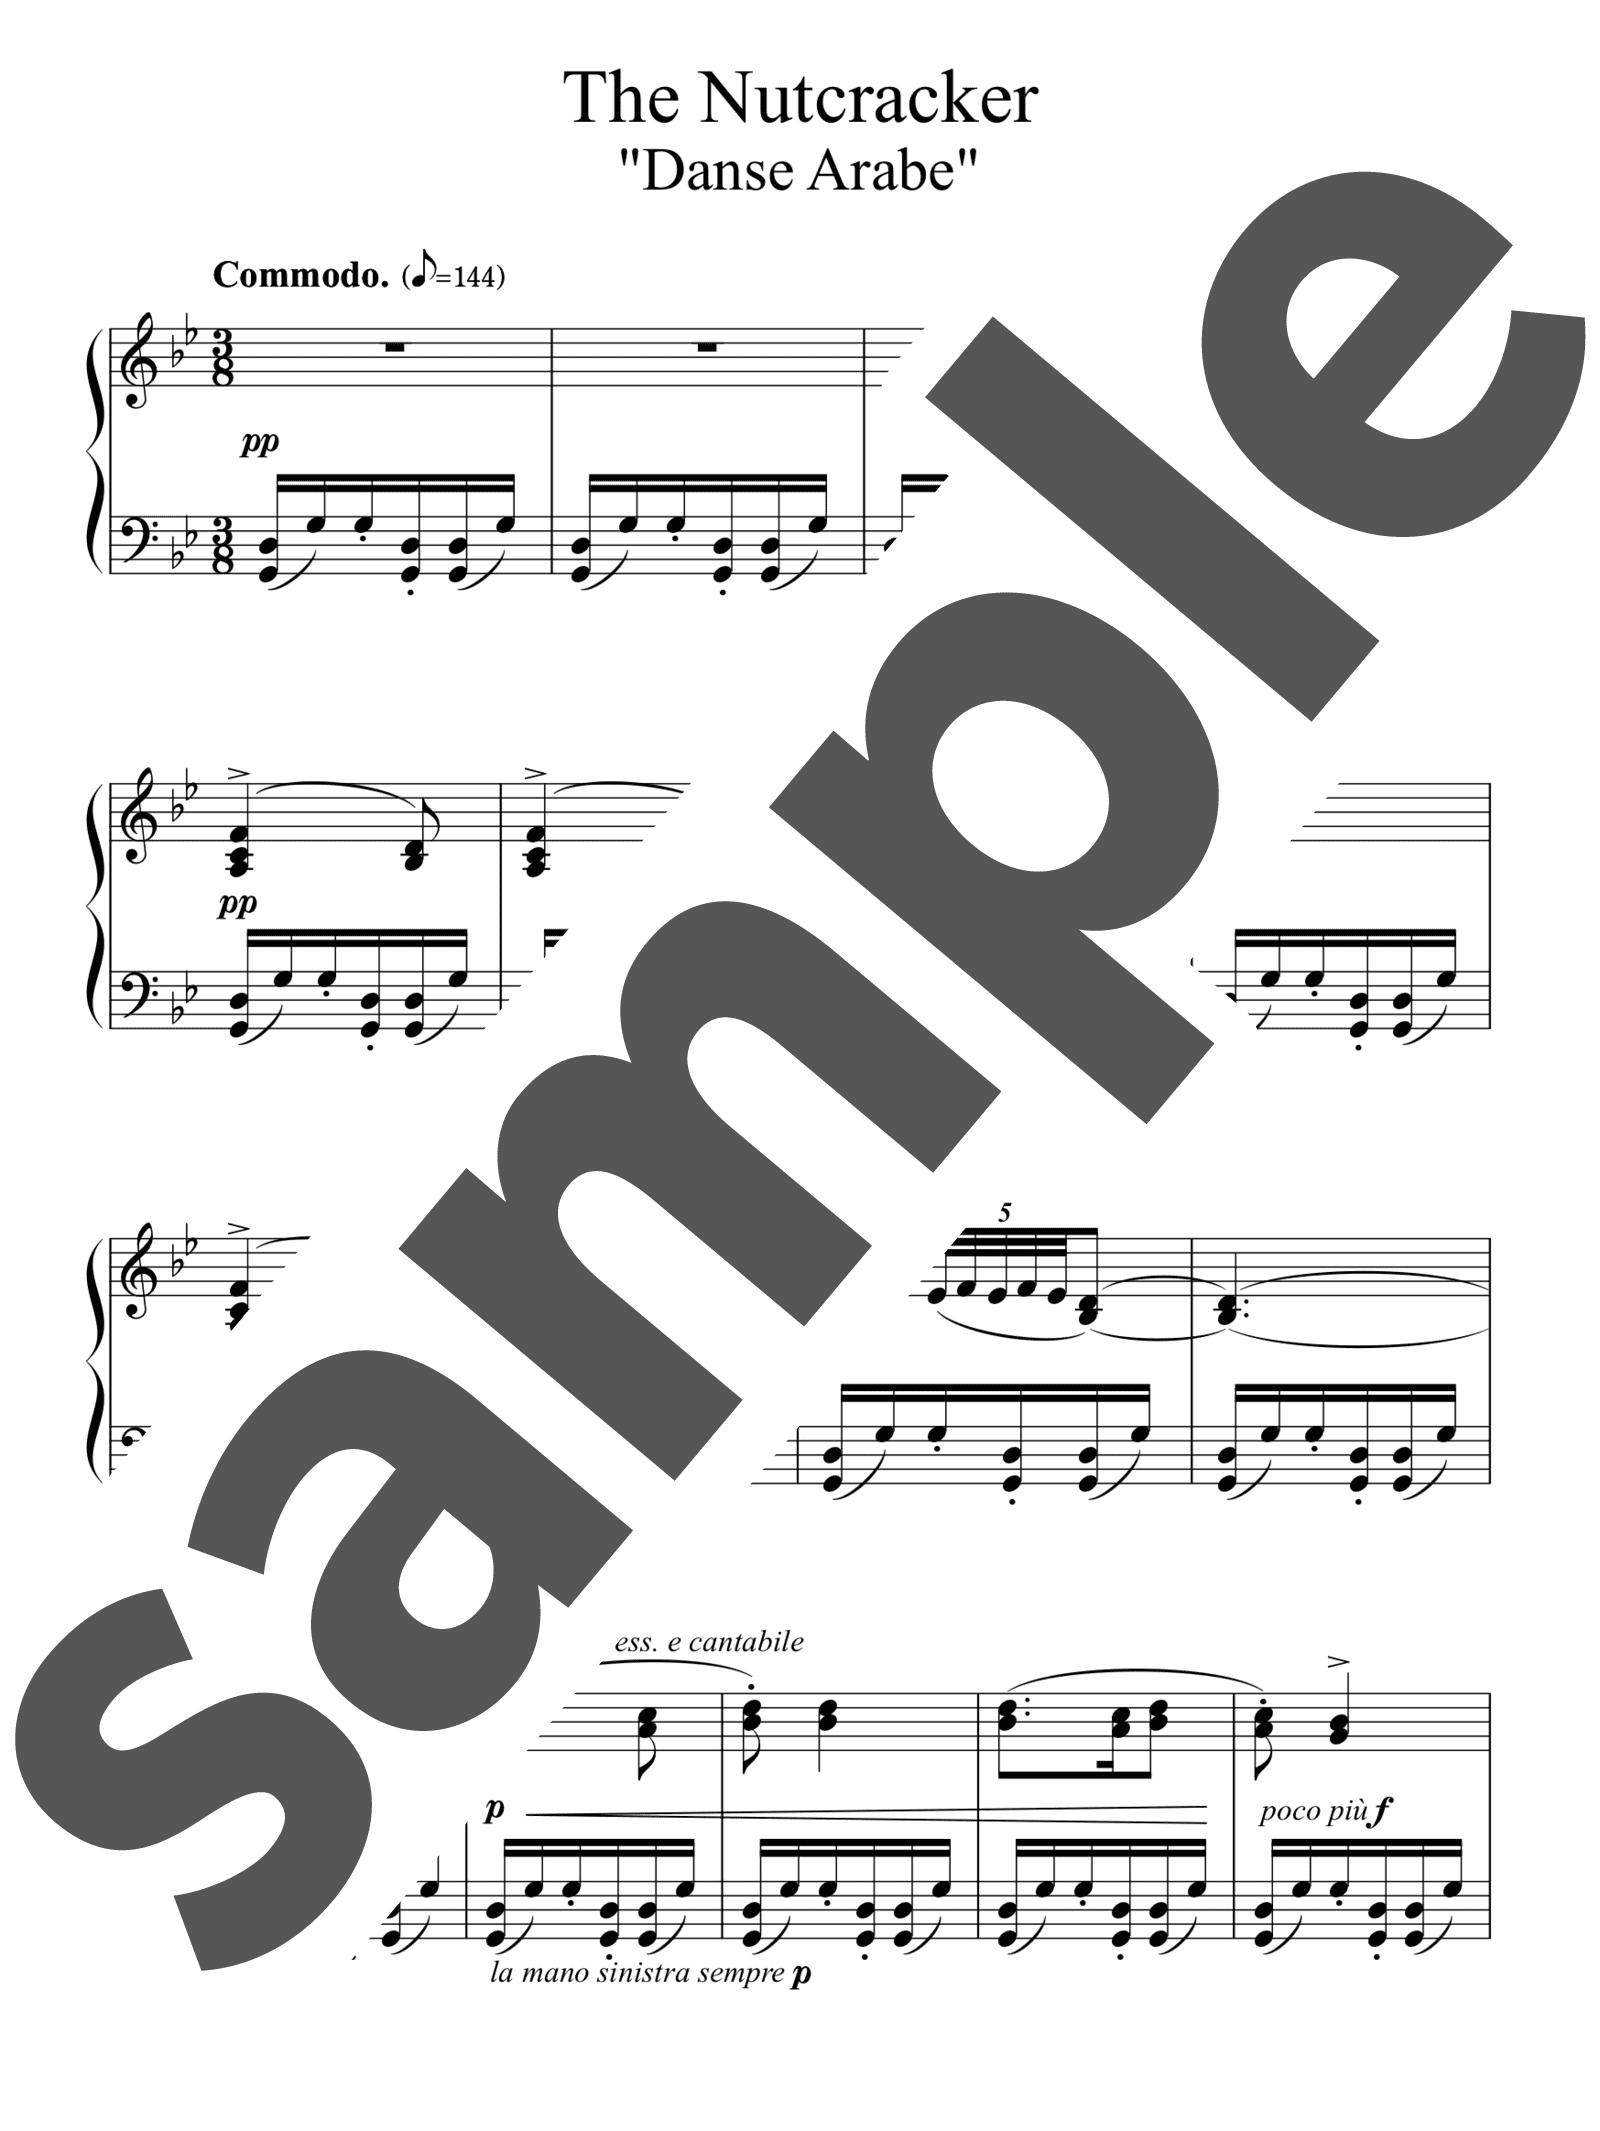 「アラビアの踊り」のサンプル楽譜